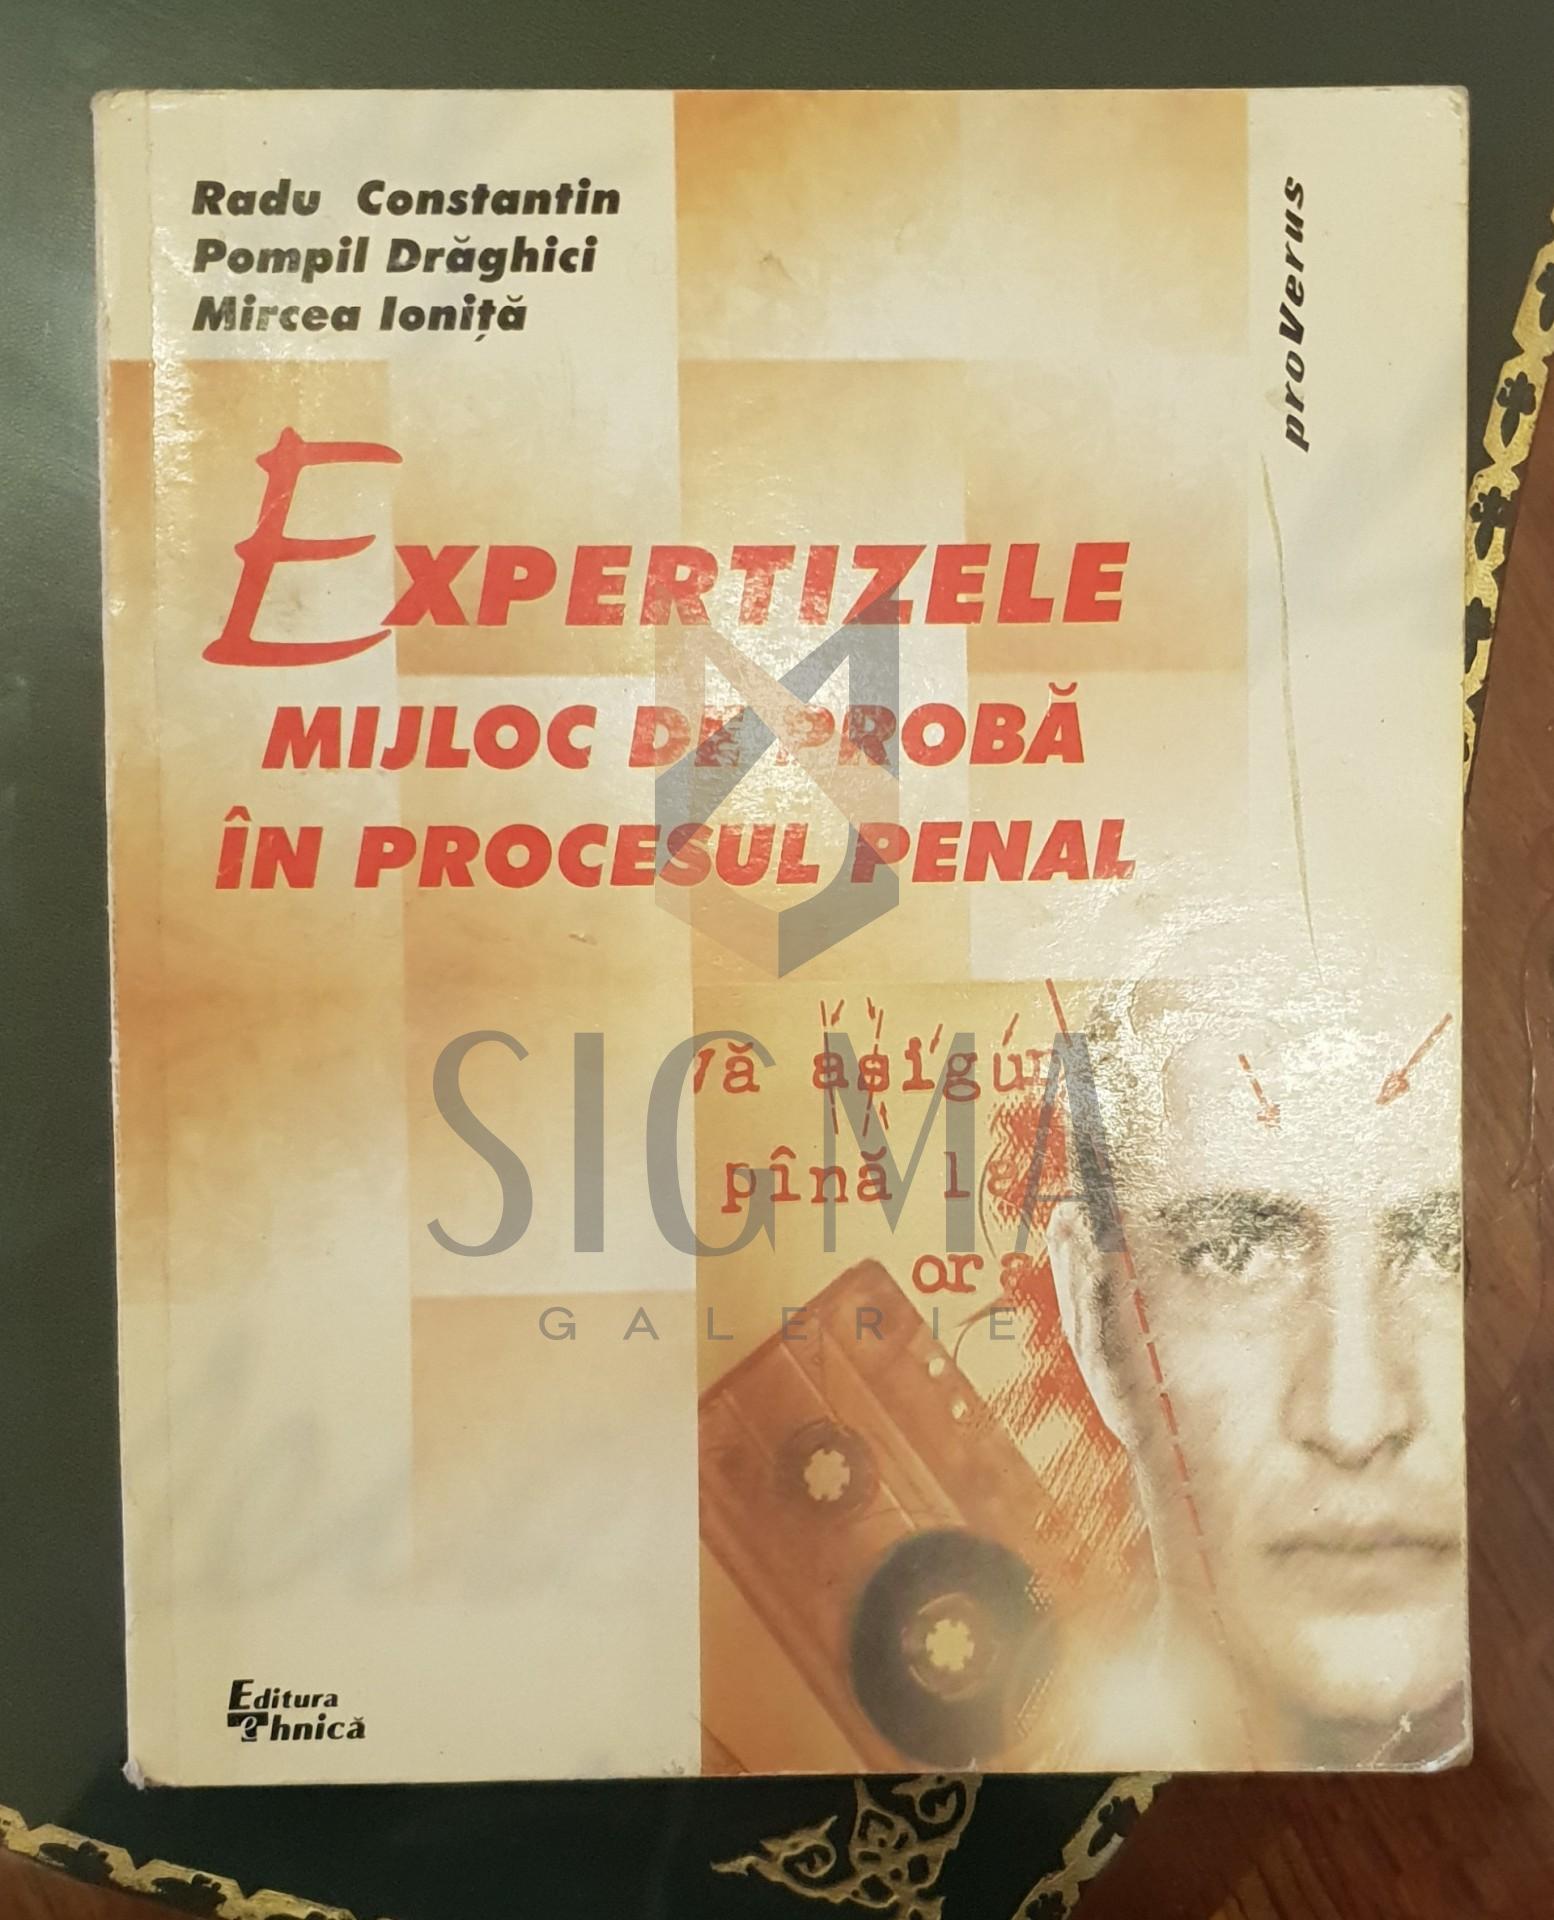 Expertizele - Mijloc de proba in procesul penal